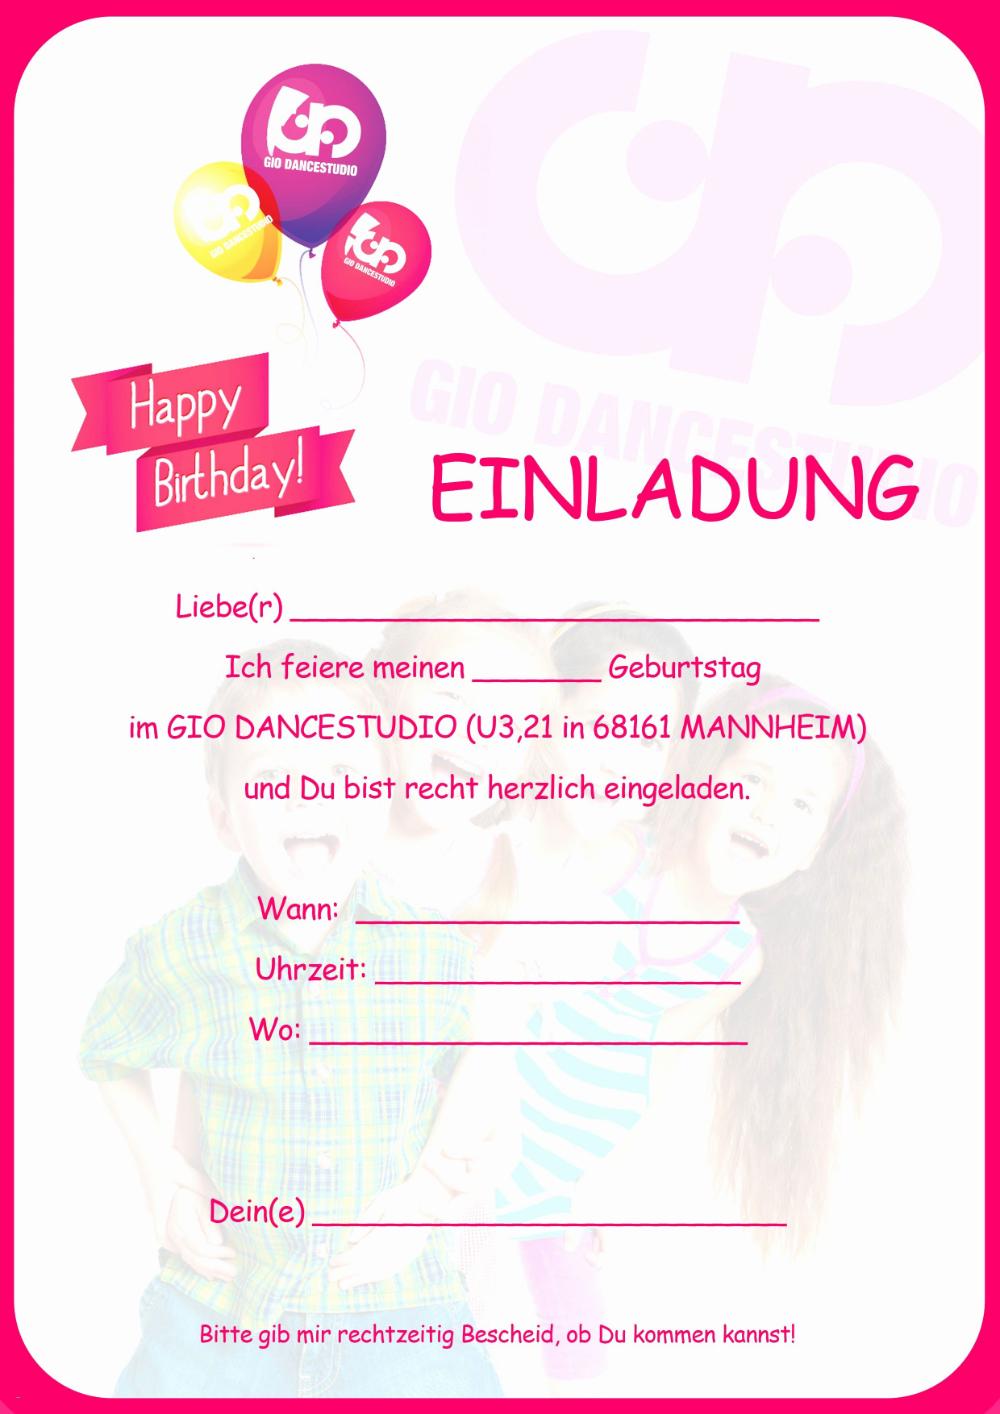 Einladungskarten Geburtstag Einladung Vorlage Einladung Insparadies Einladung Insparadies